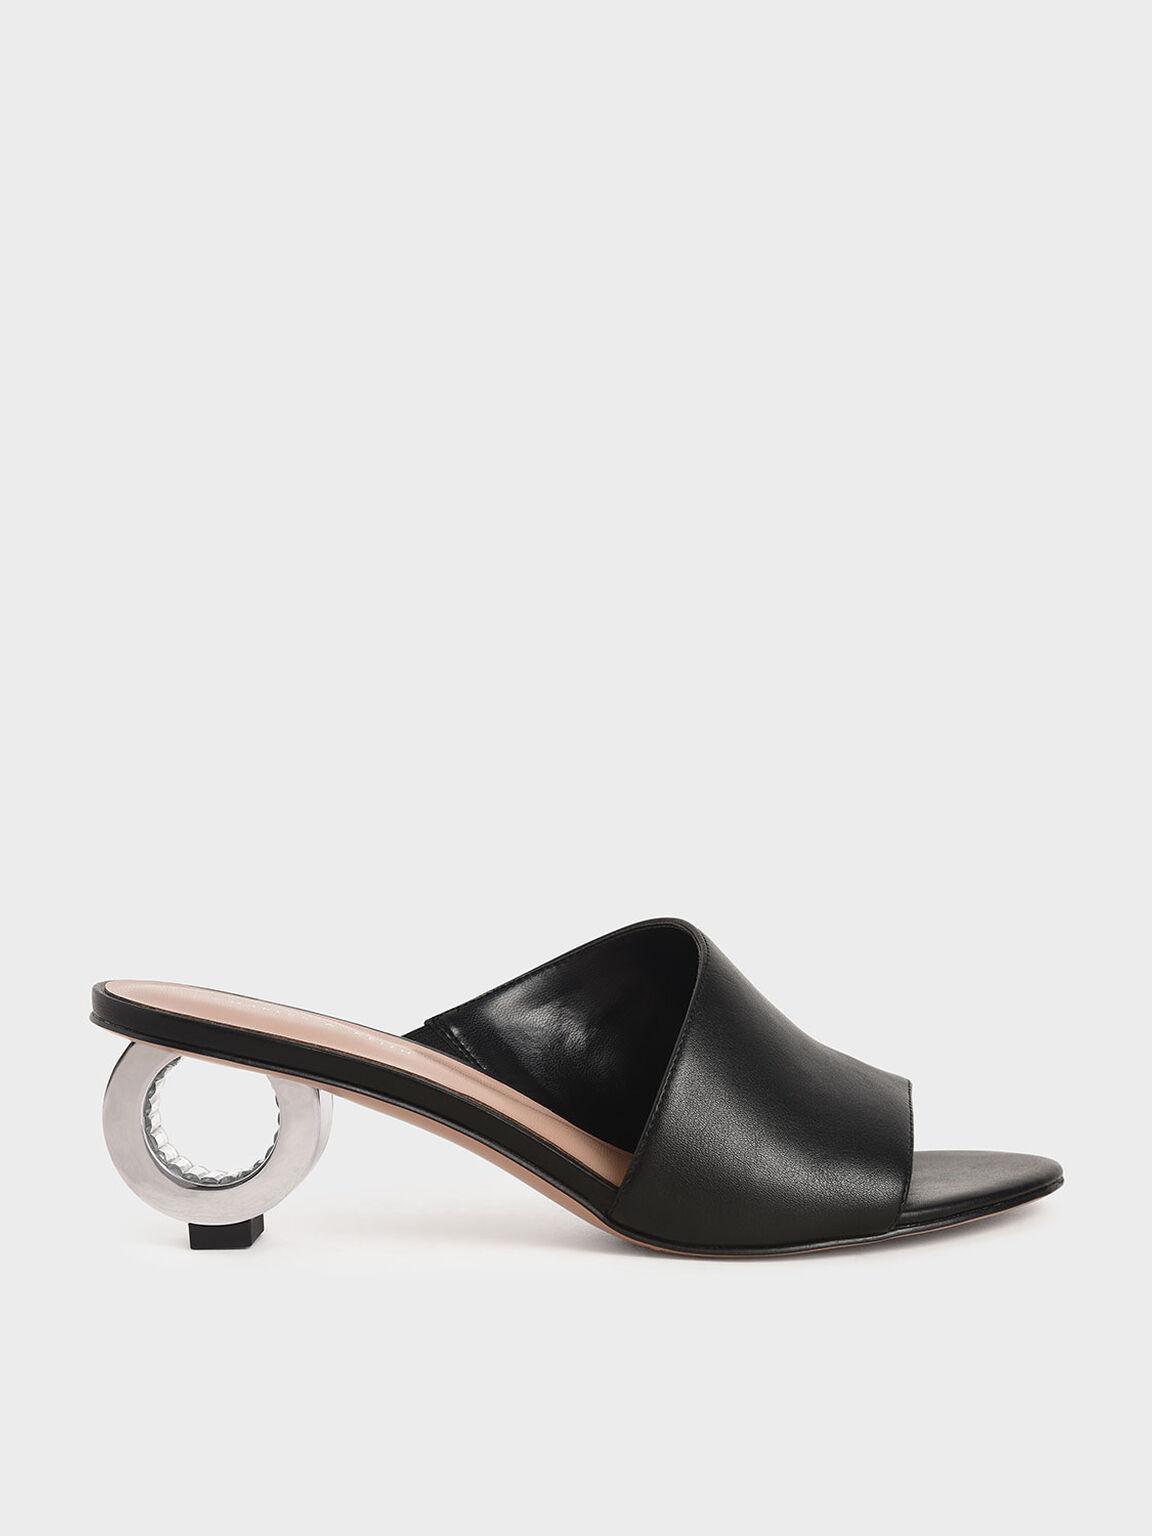 圓環跟拖鞋, 黑色, hi-res